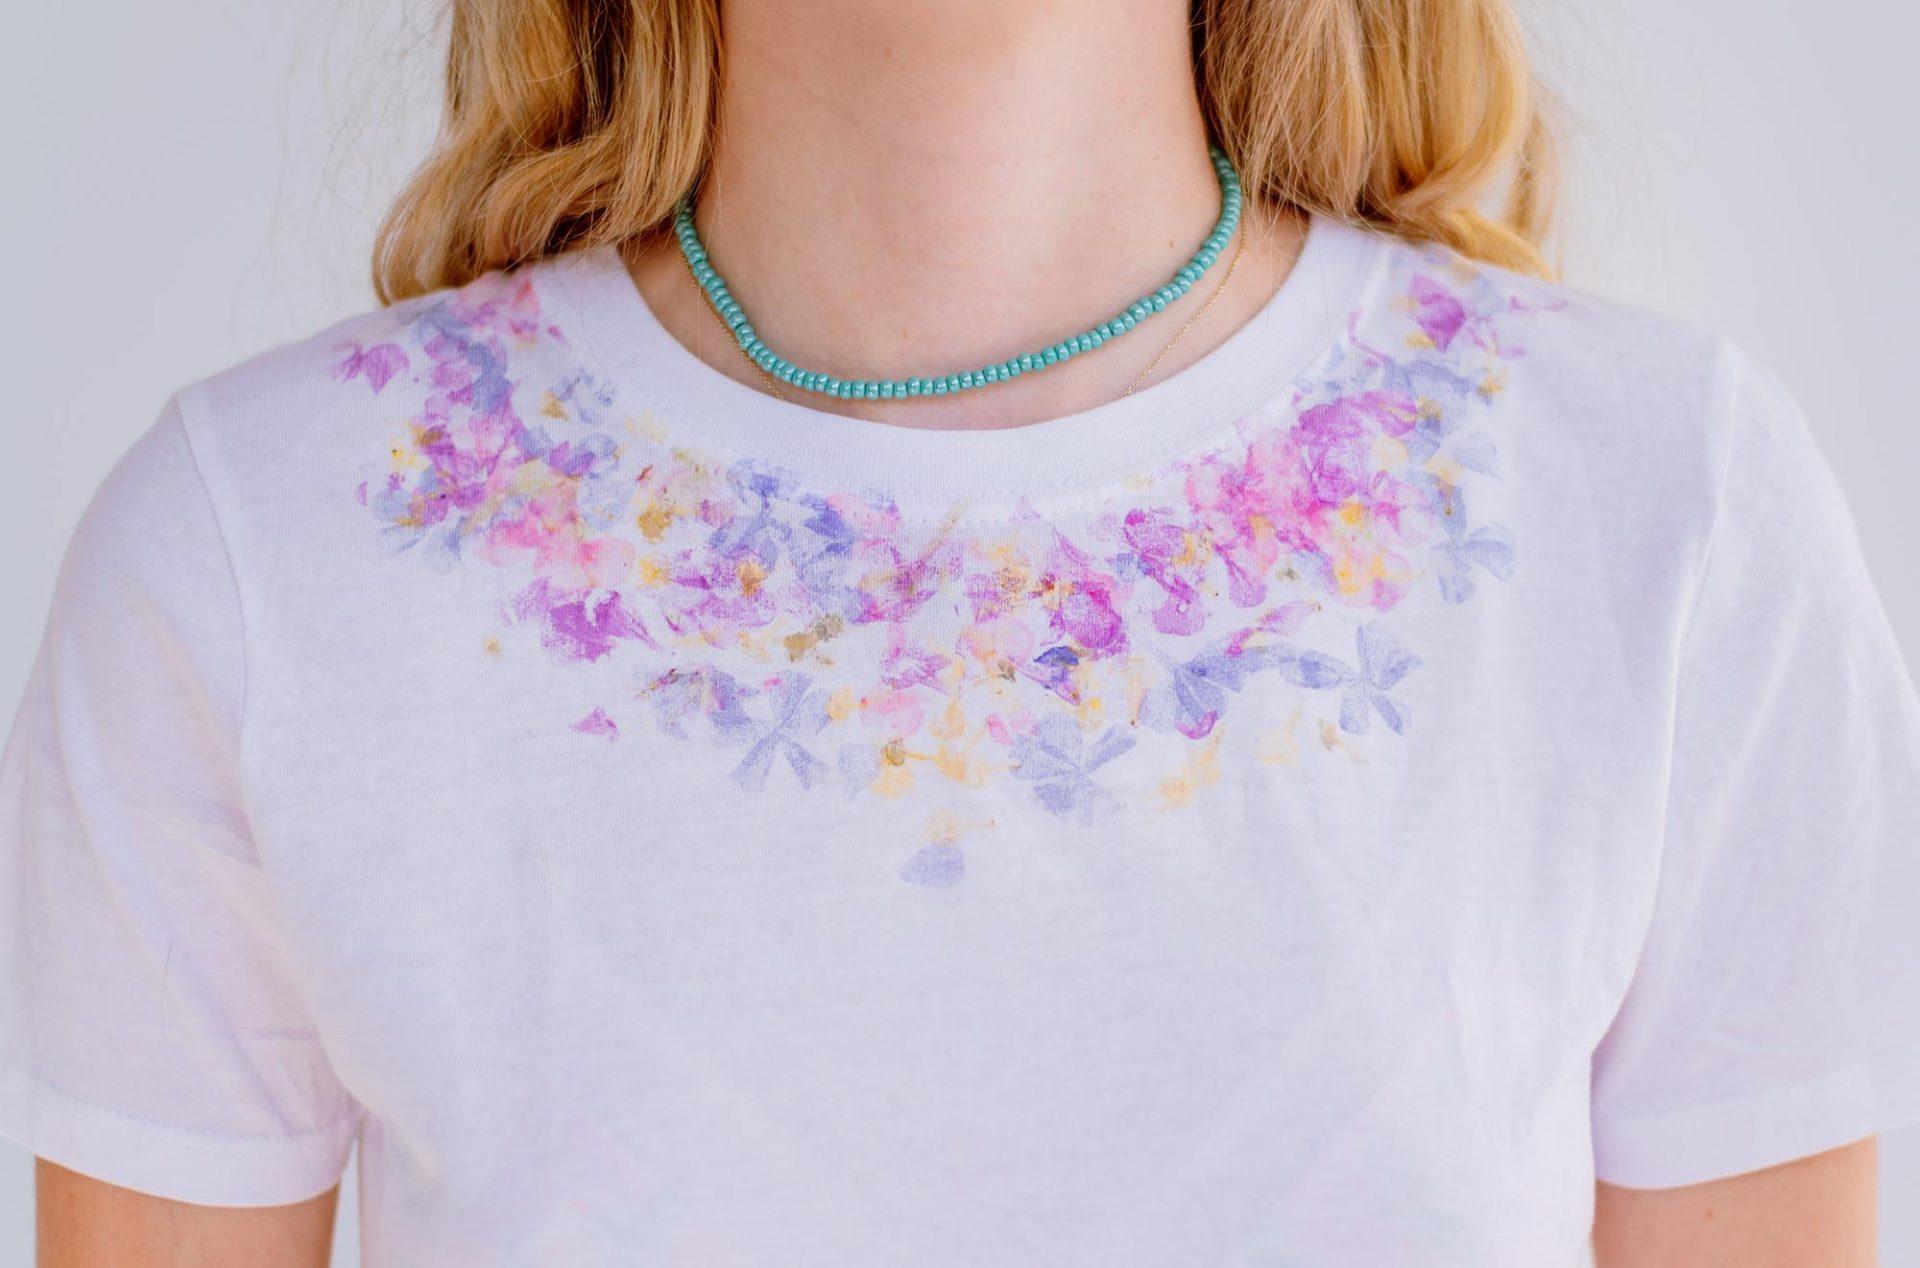 Ashinyday.com FashionDIY FlowerPrintTshirt-χειροτεχνίες